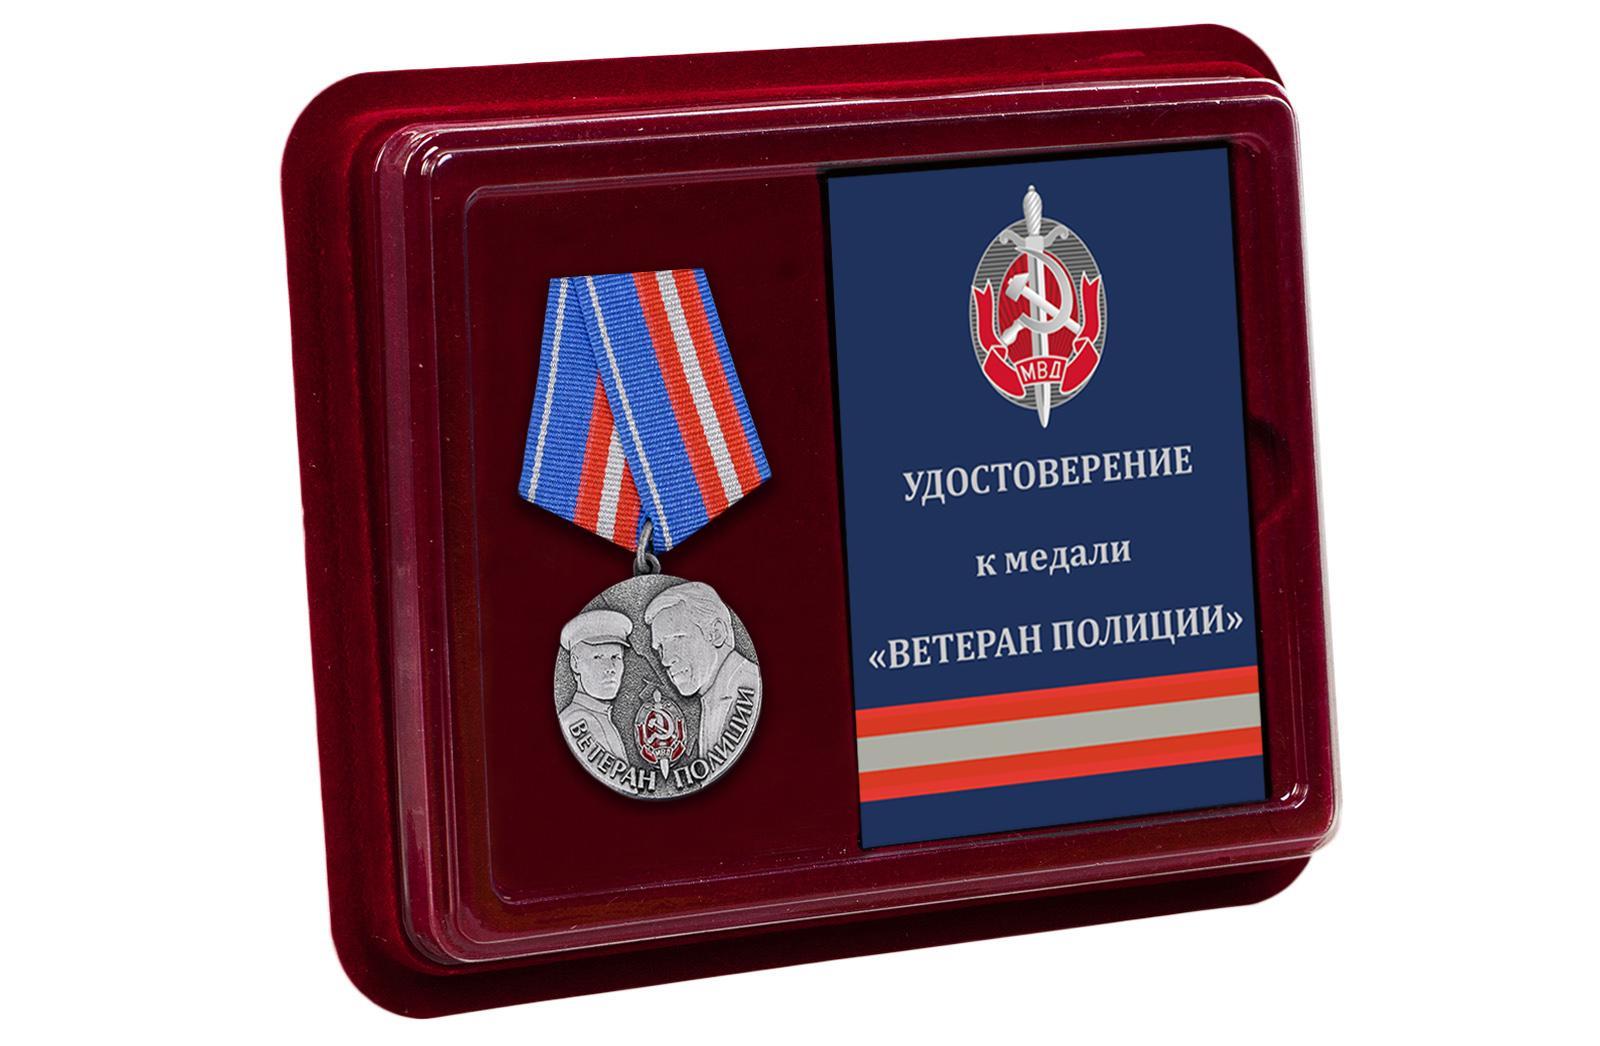 Купить медаль Ветеран полиции в футляре с удостоверением онлайн